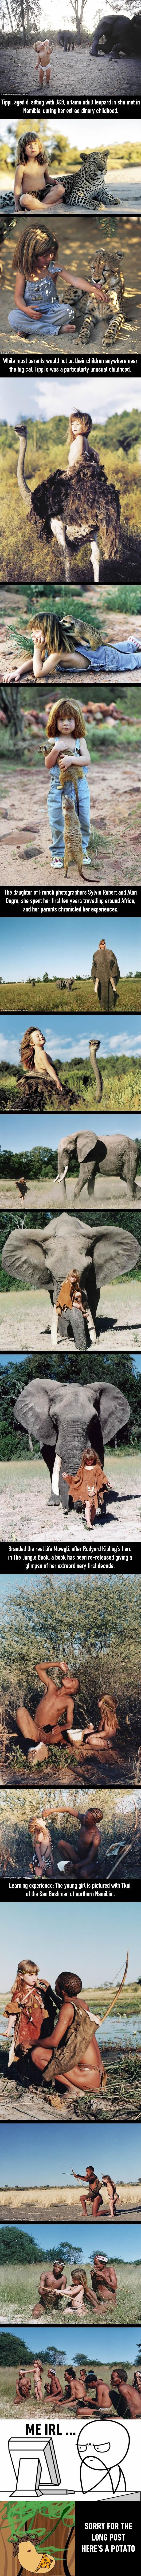 The real life Mowgli Girl